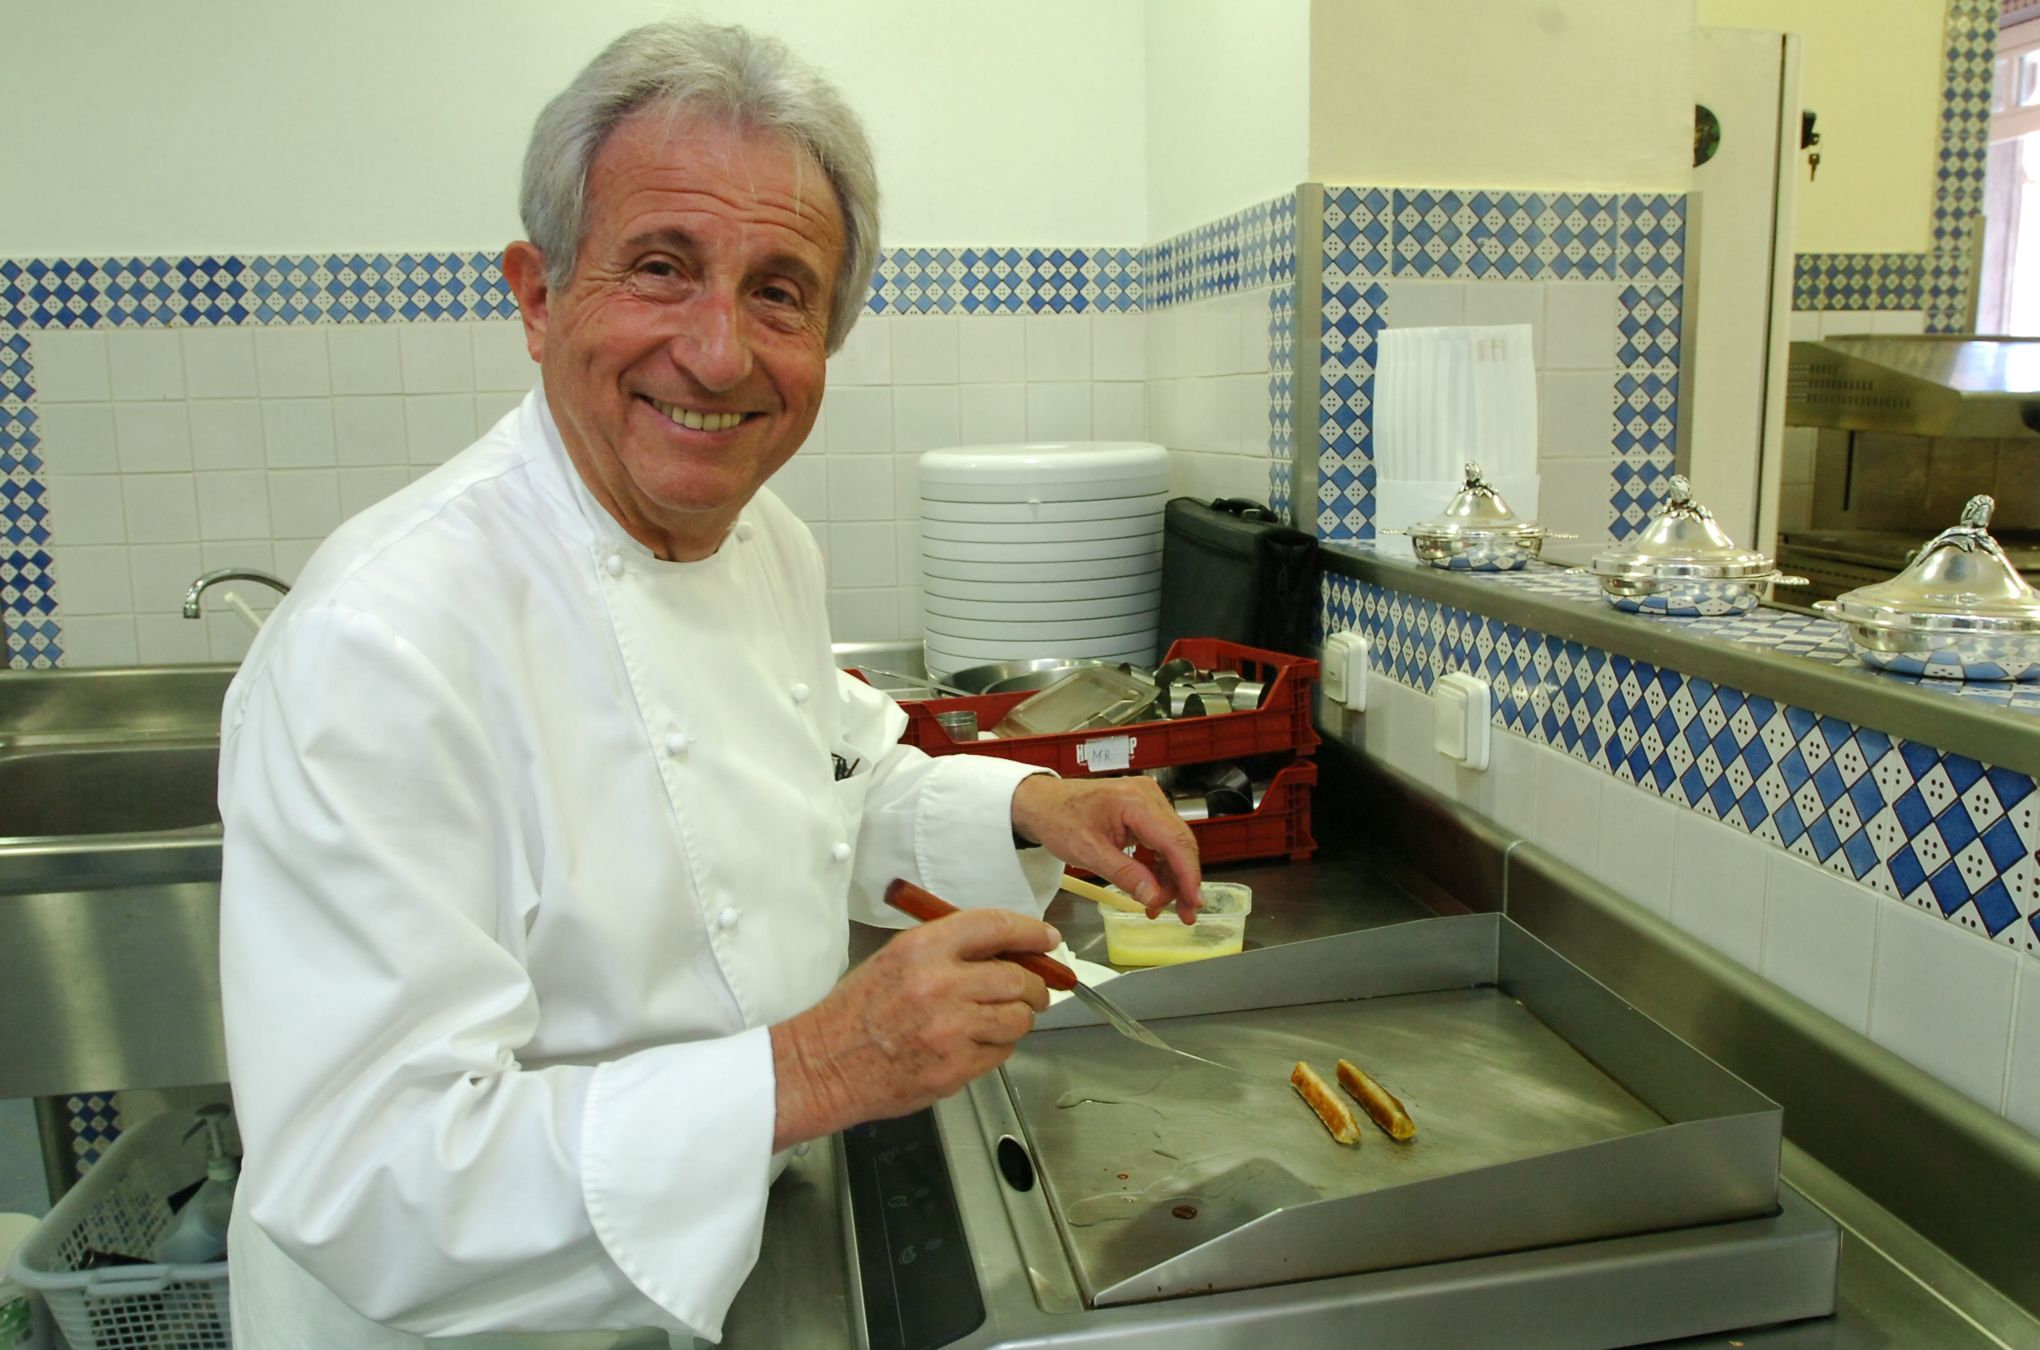 Michel gu rard la cuisine rel ve un peu de la sorcellerie - Michel guerard cuisine minceur ...